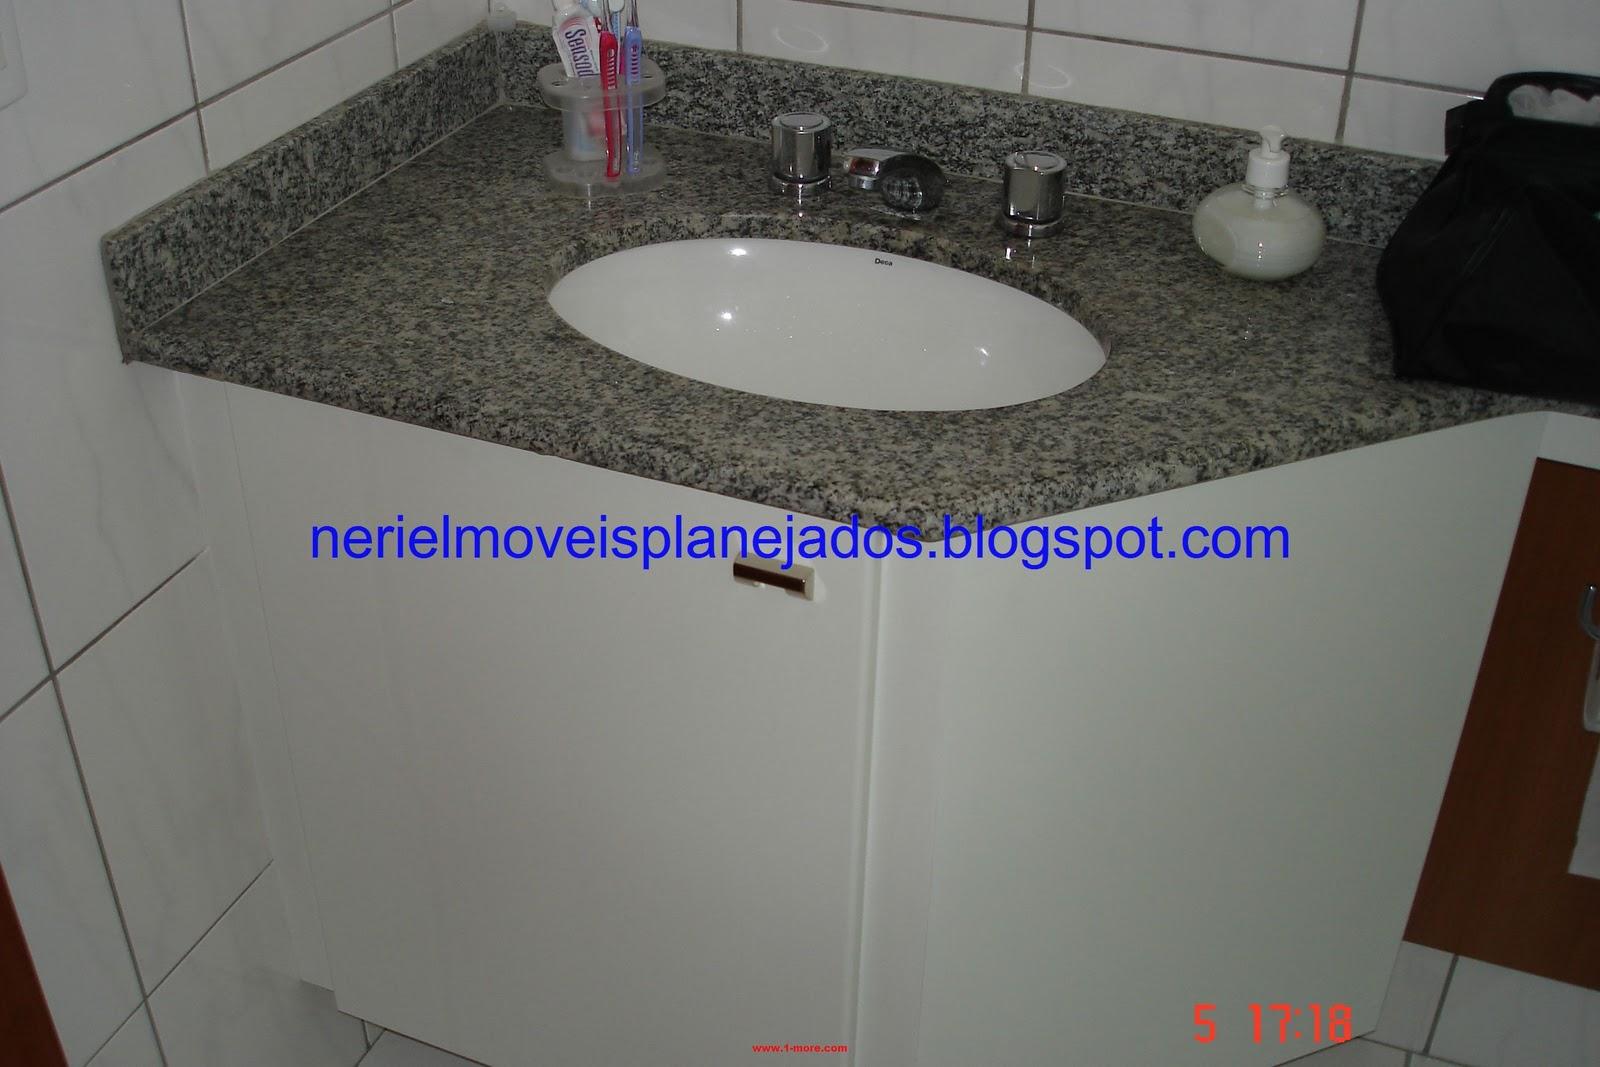 Banheiro Pequeno Planejado Banheiros Pequenos Modelos Pelautscom Pictures -> Banheiro Planejado Pequeno